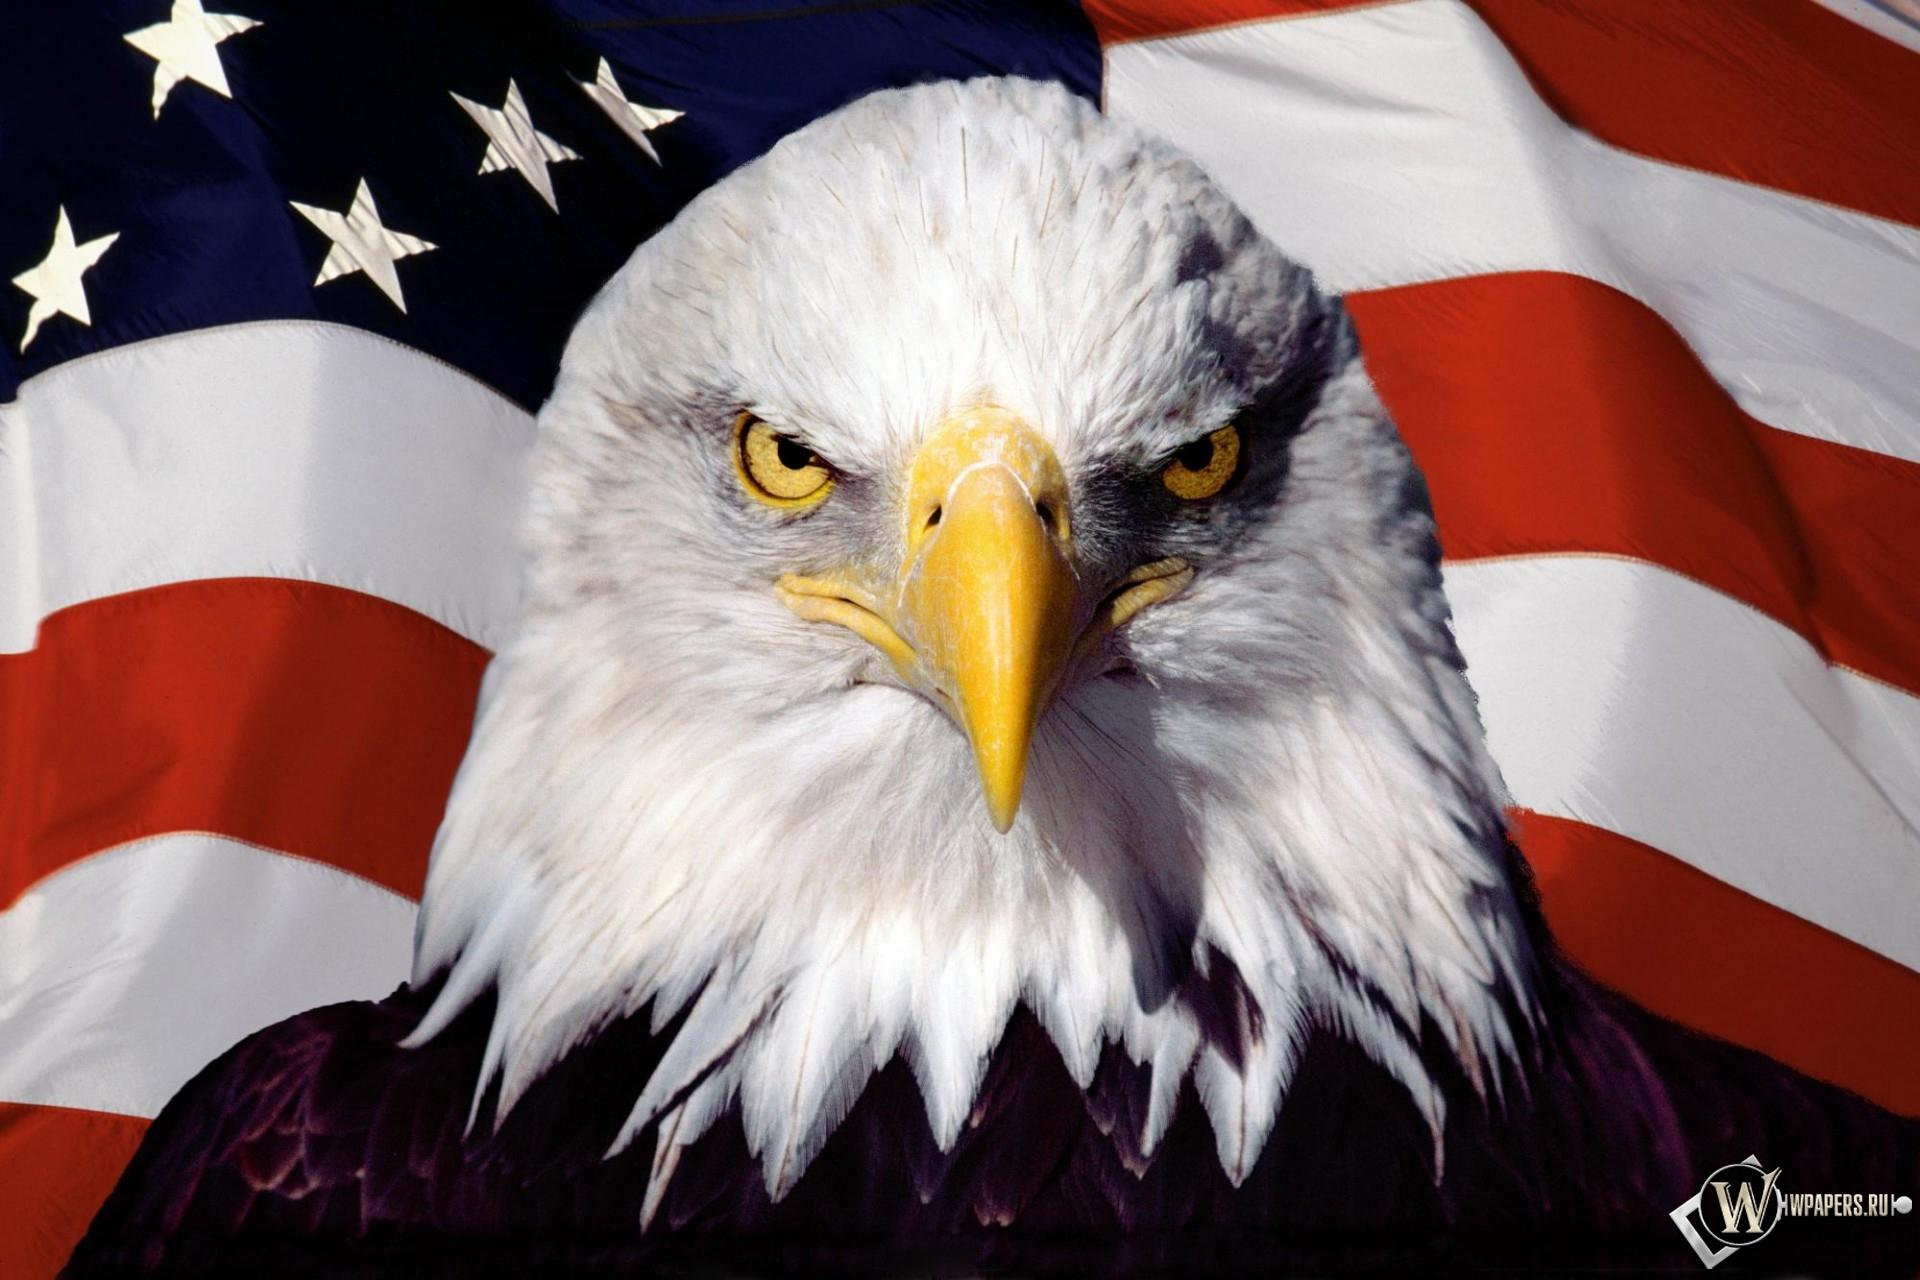 Орел на фоне флага 1920x1280